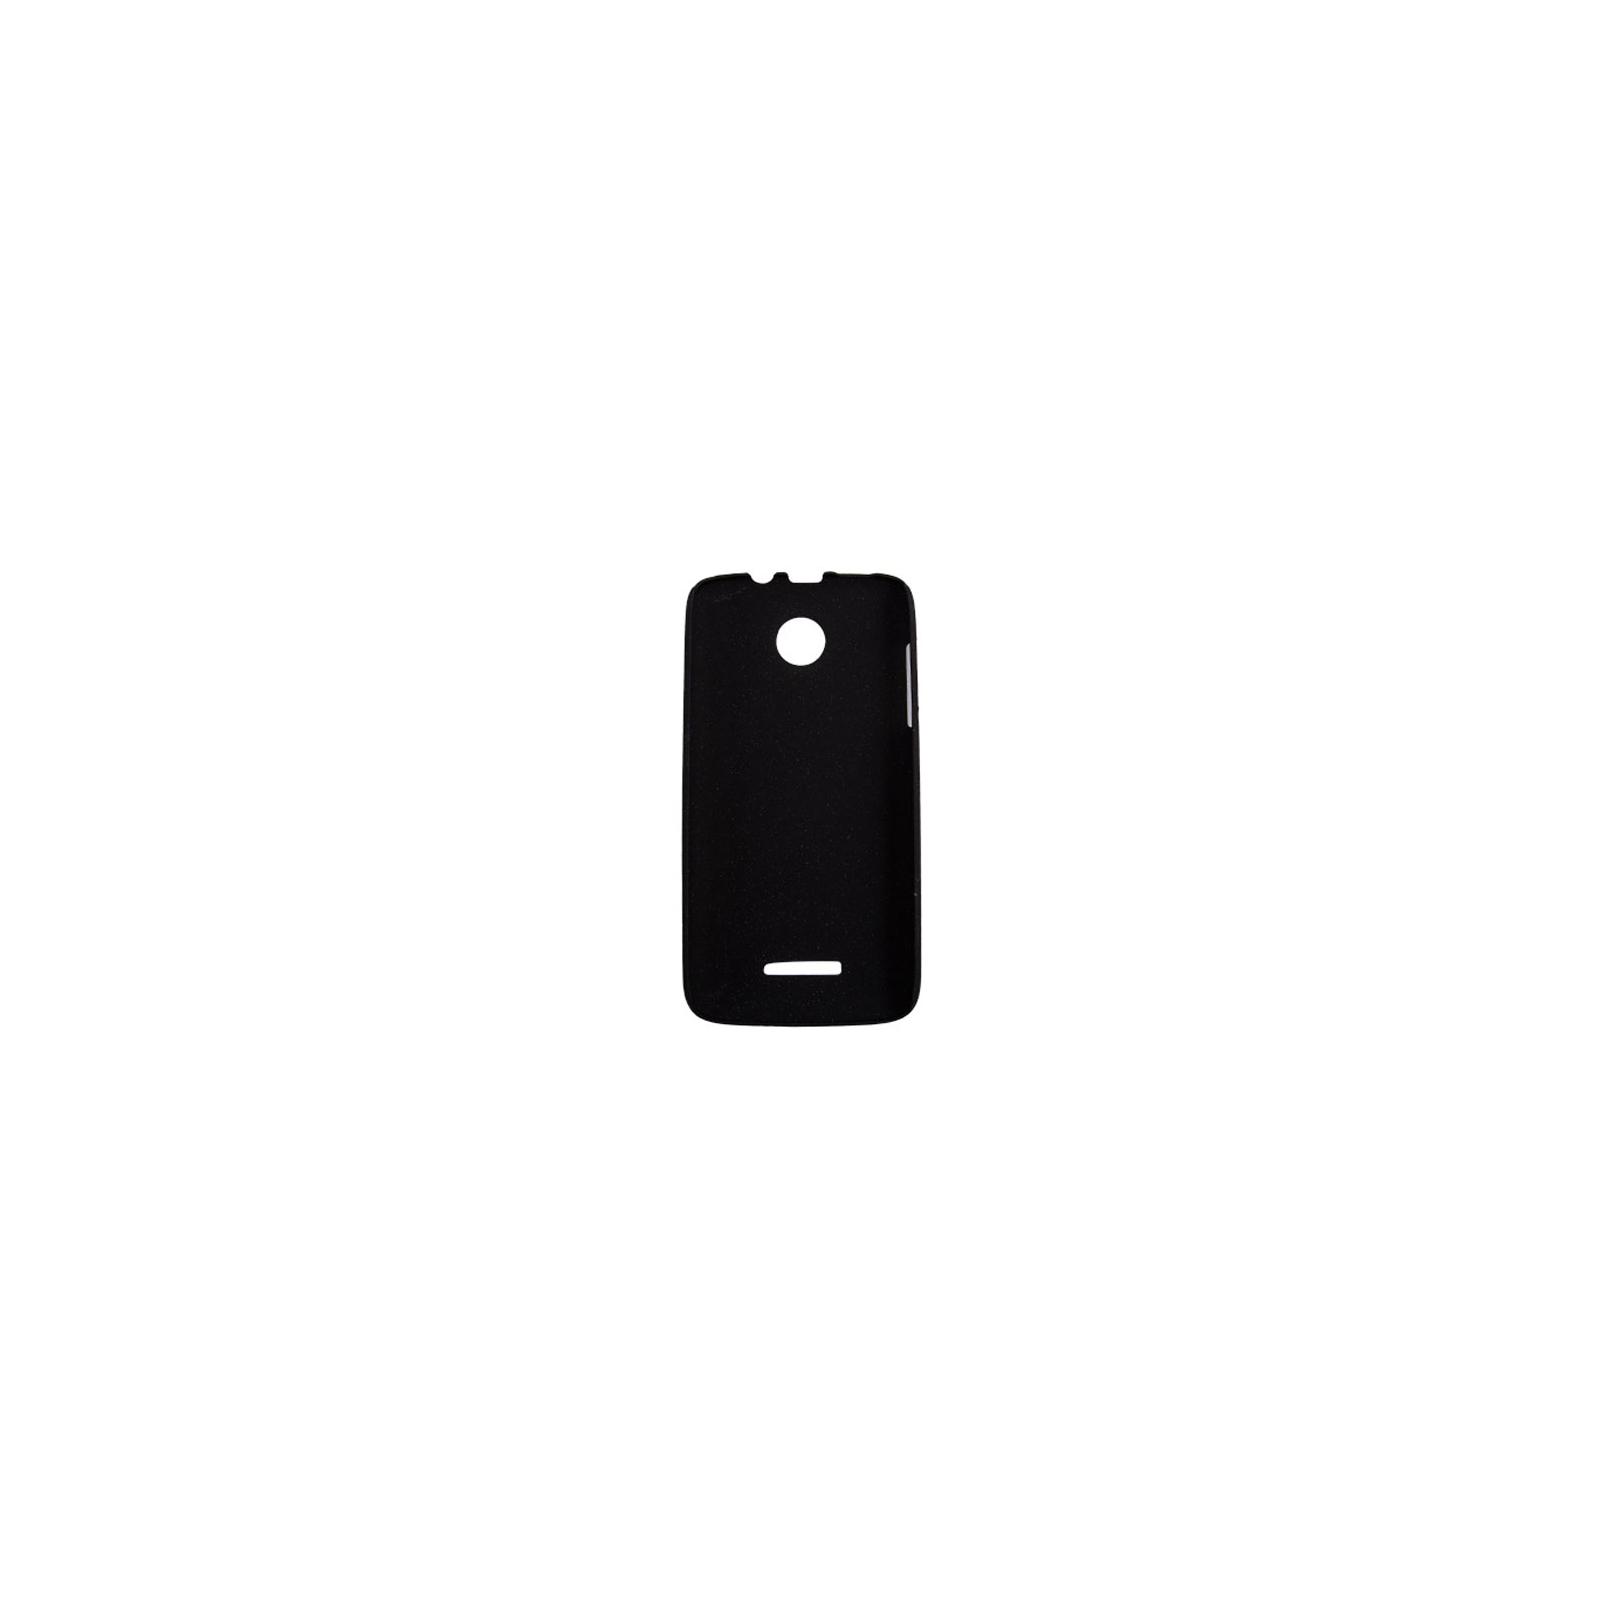 Чехол для моб. телефона Drobak для Lenovo A390 /Shaggy Hard/Black (216386) изображение 2